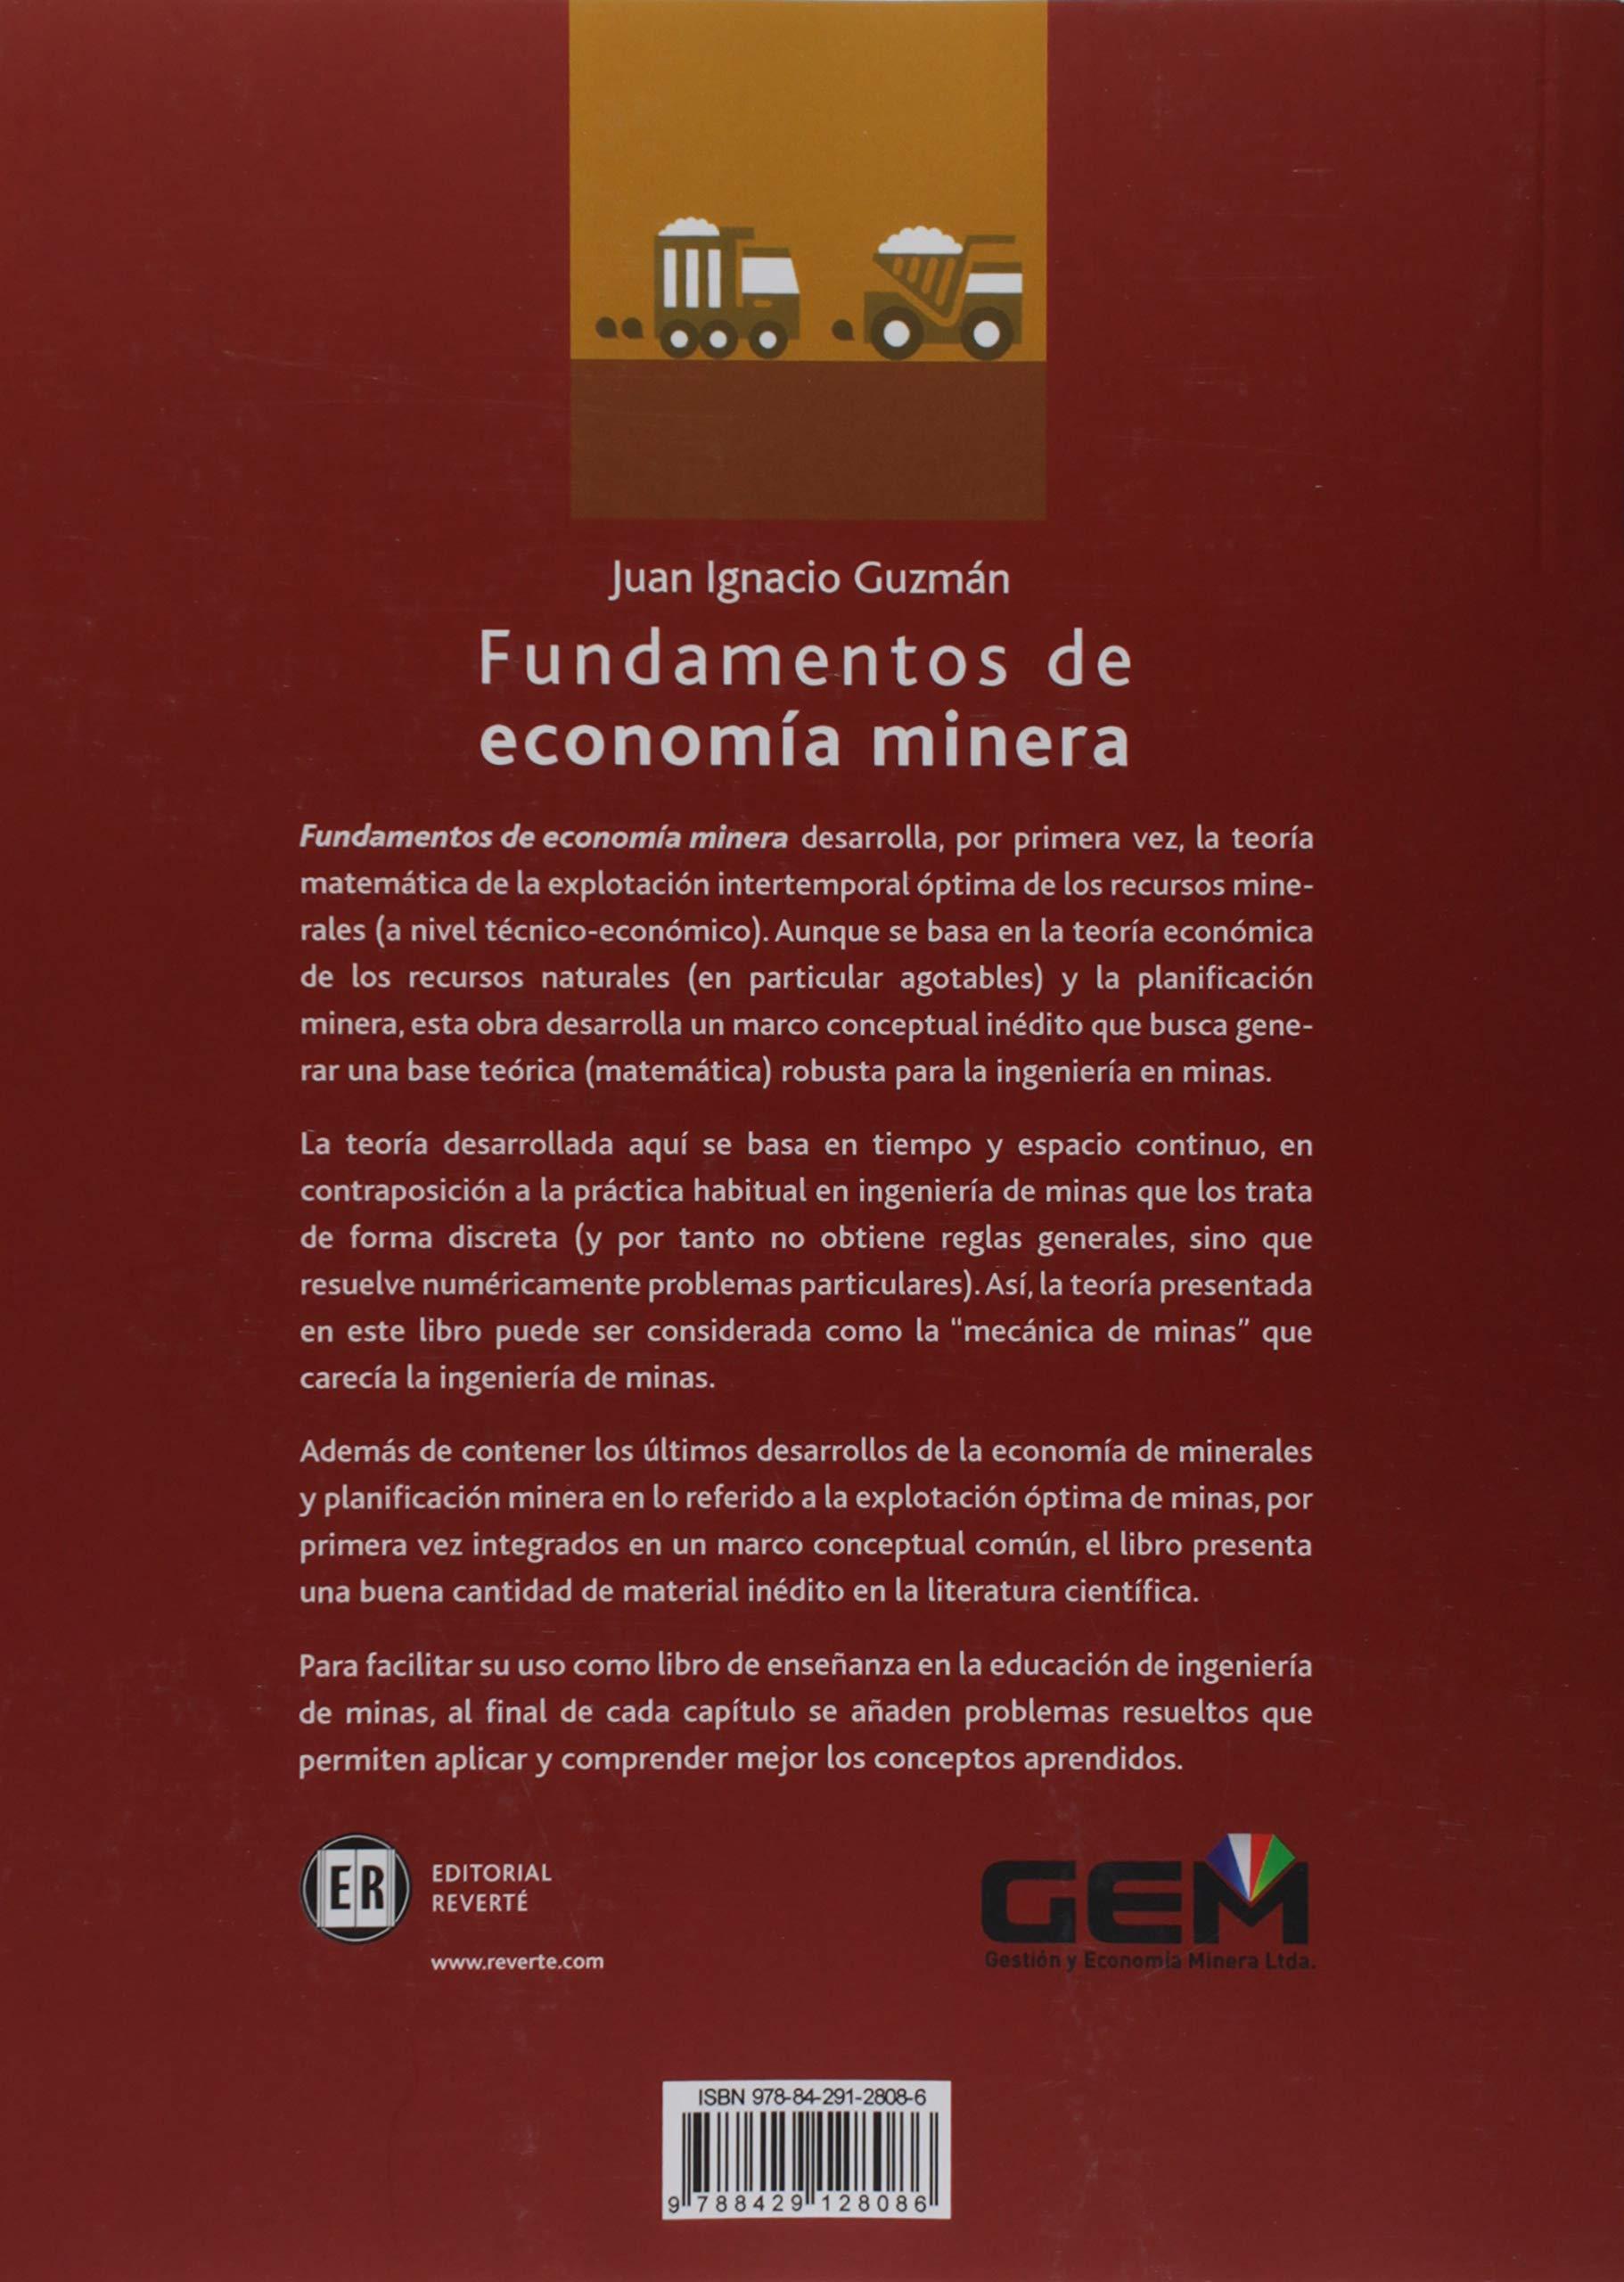 Fundamentos de economía minera: Amazon.es: Guzmán, Juan Ignacio ...